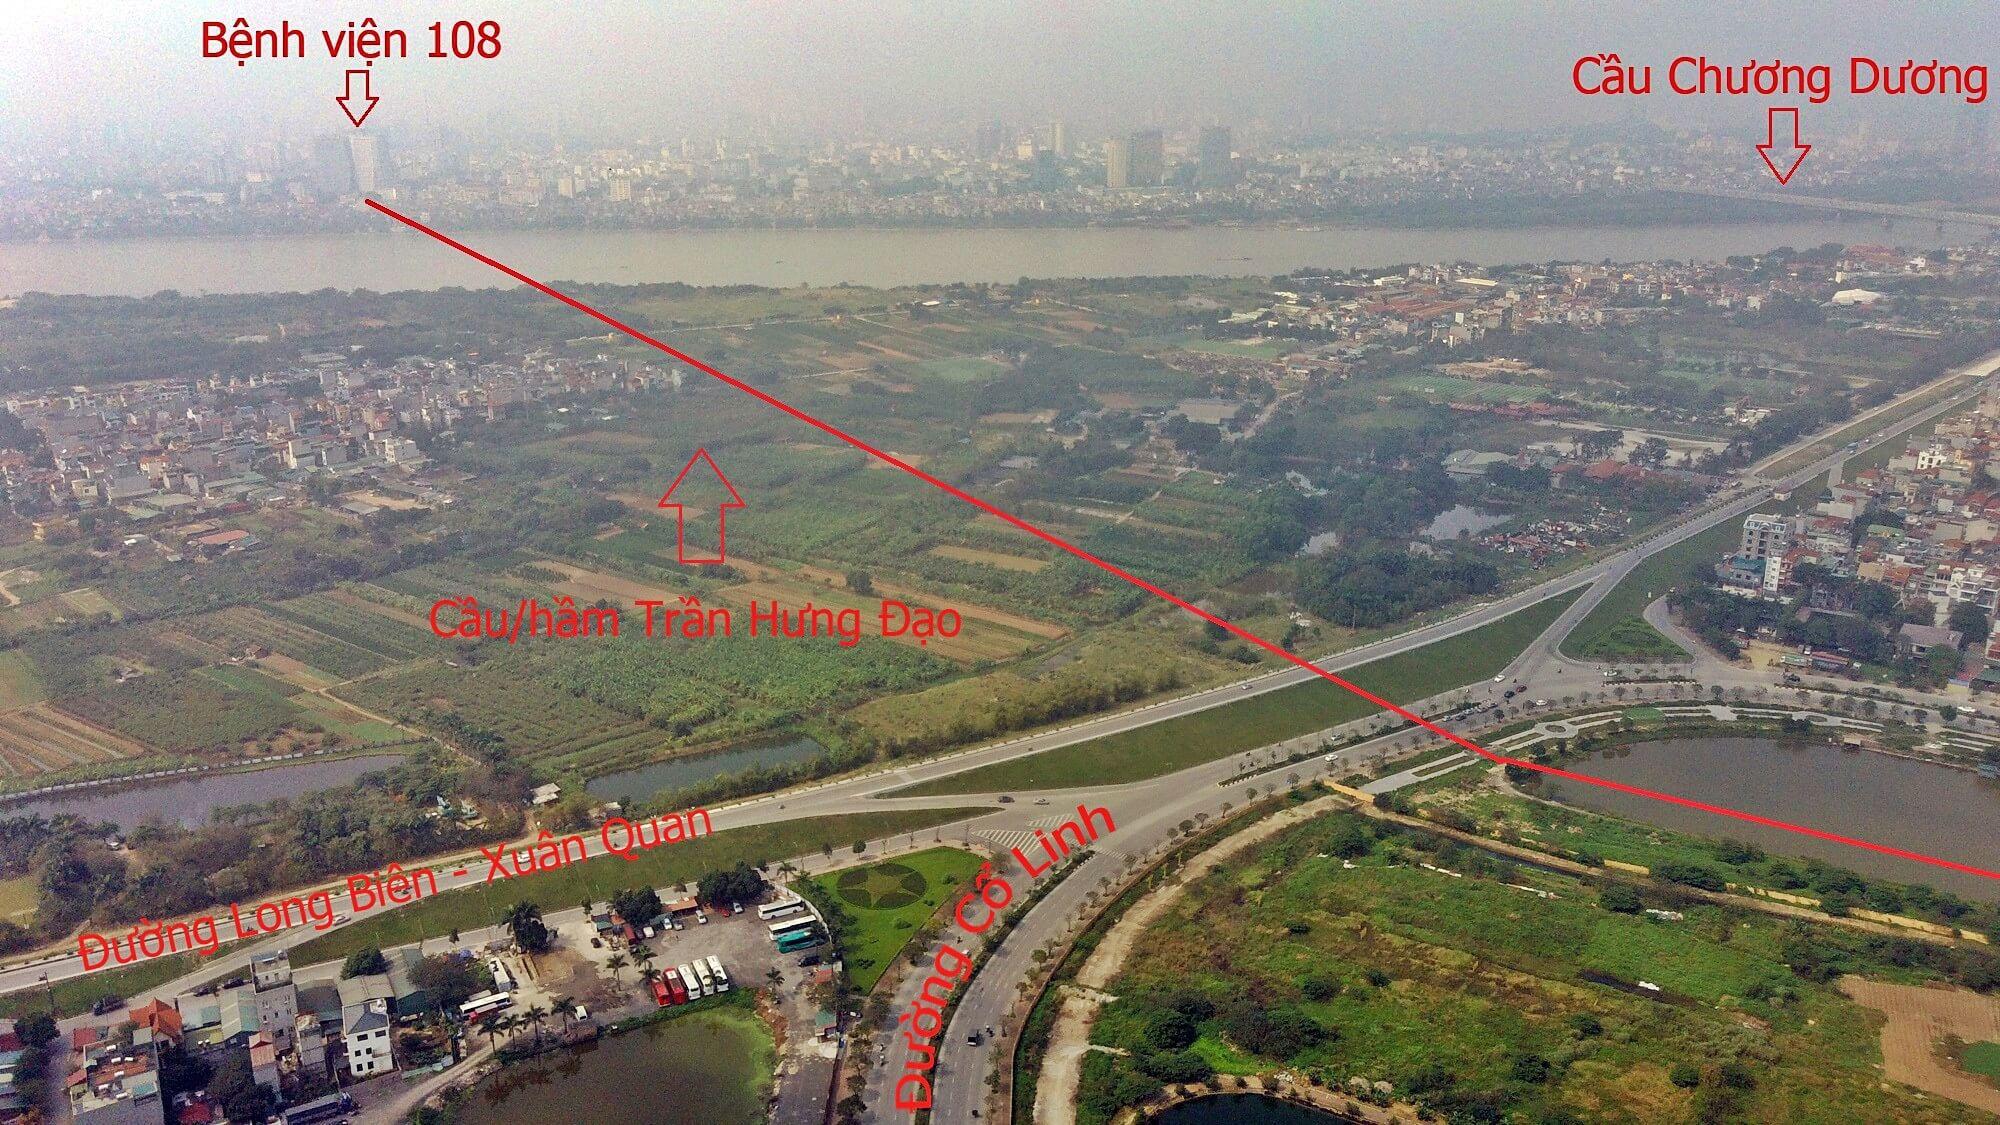 Vị trí hầm/cầu Trần Hưng Đạo nhìn từ phía đường Cổ Linh.